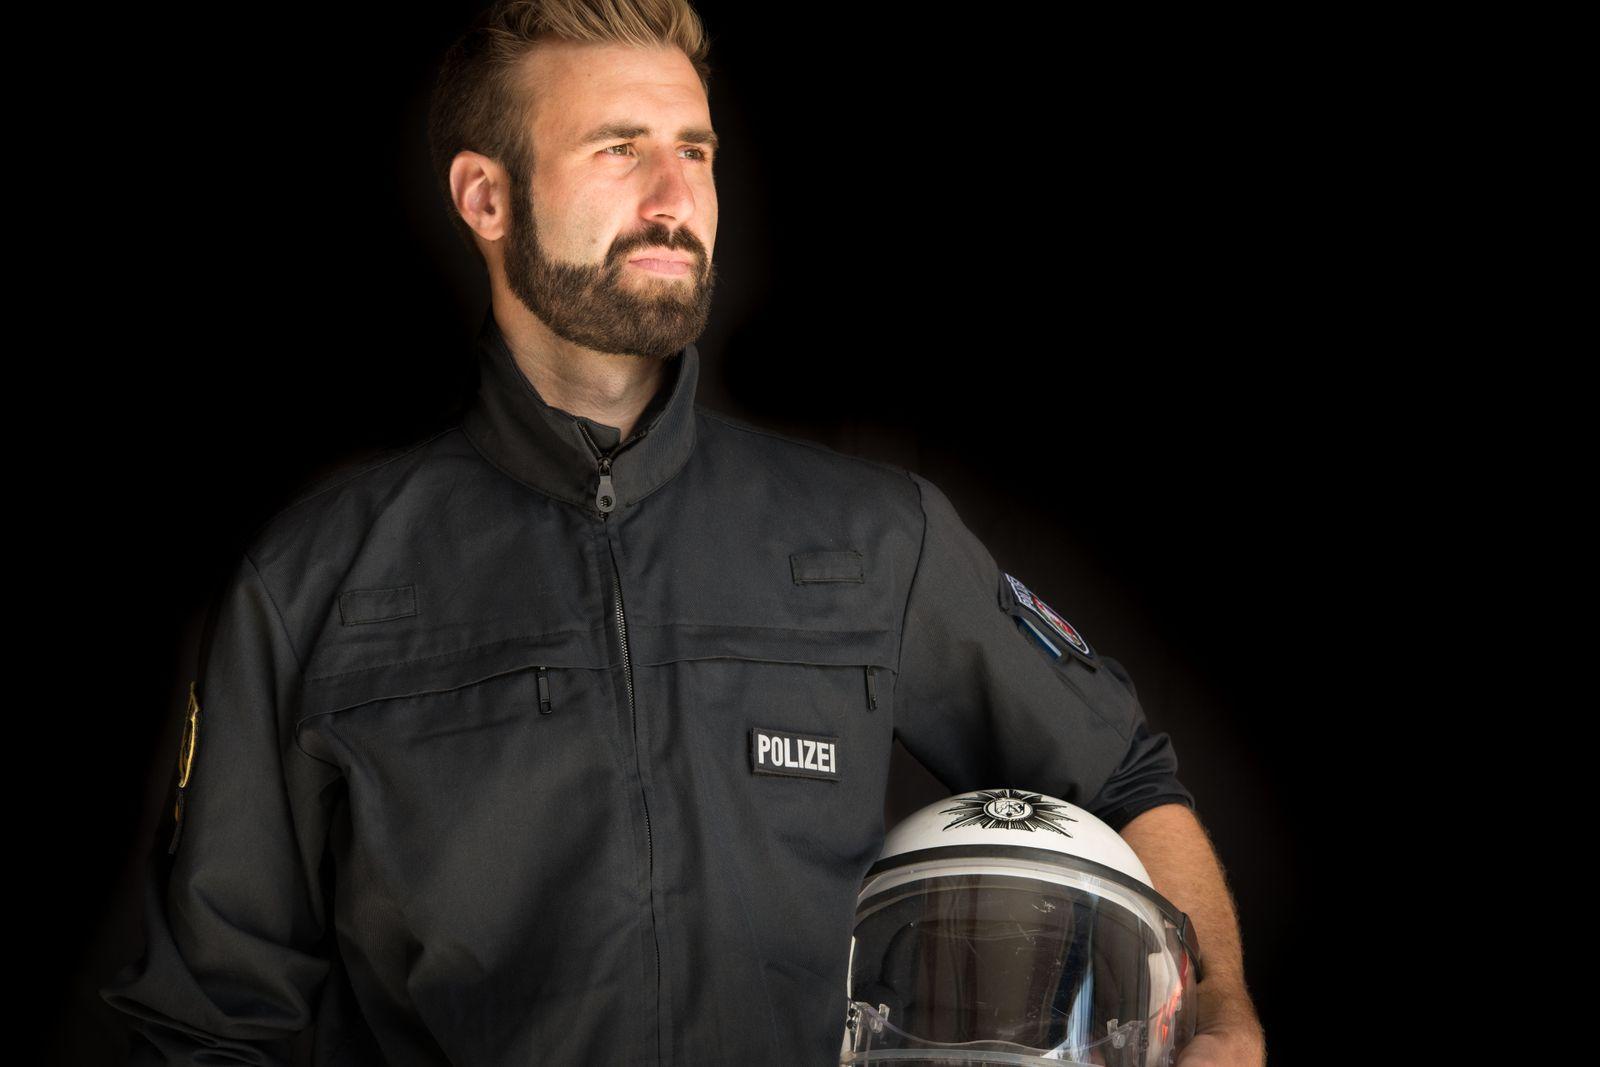 Der Mensch hinter der Uniform